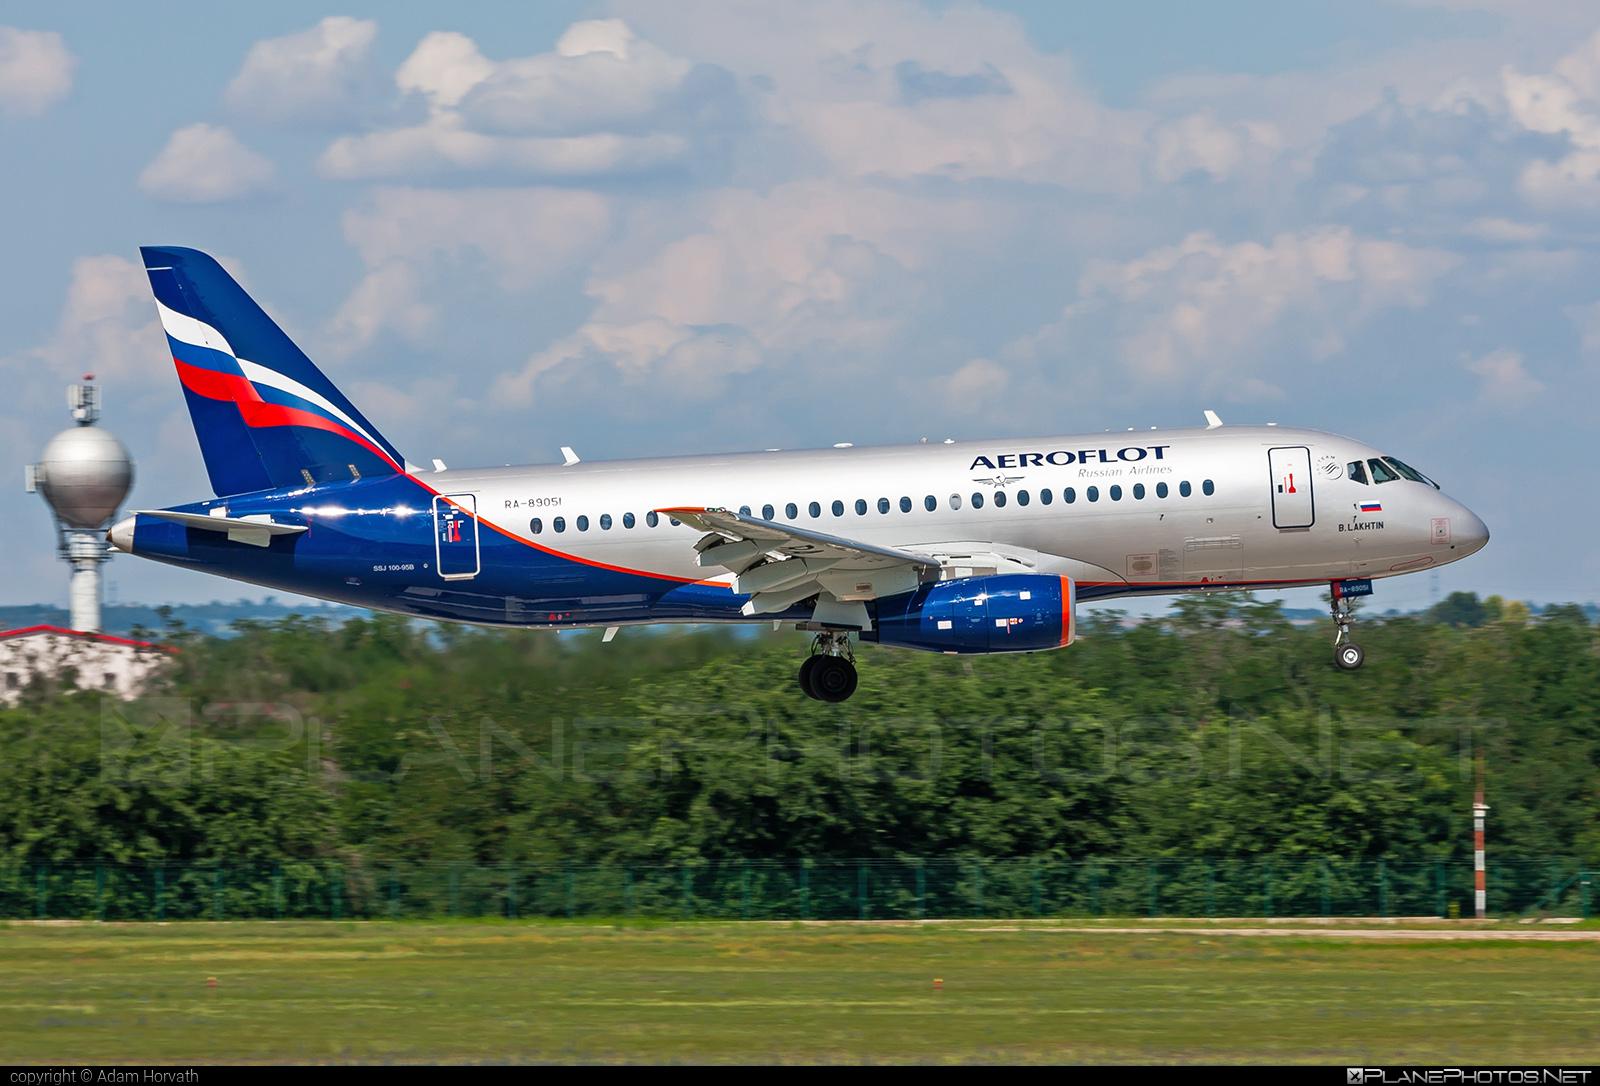 Aeroflot Sukhoi SSJ 100-95B Superjet - RA-89051 #aeroflot #ssj100 #ssj10095b #sukhoi #sukhoisuperjet #superjet